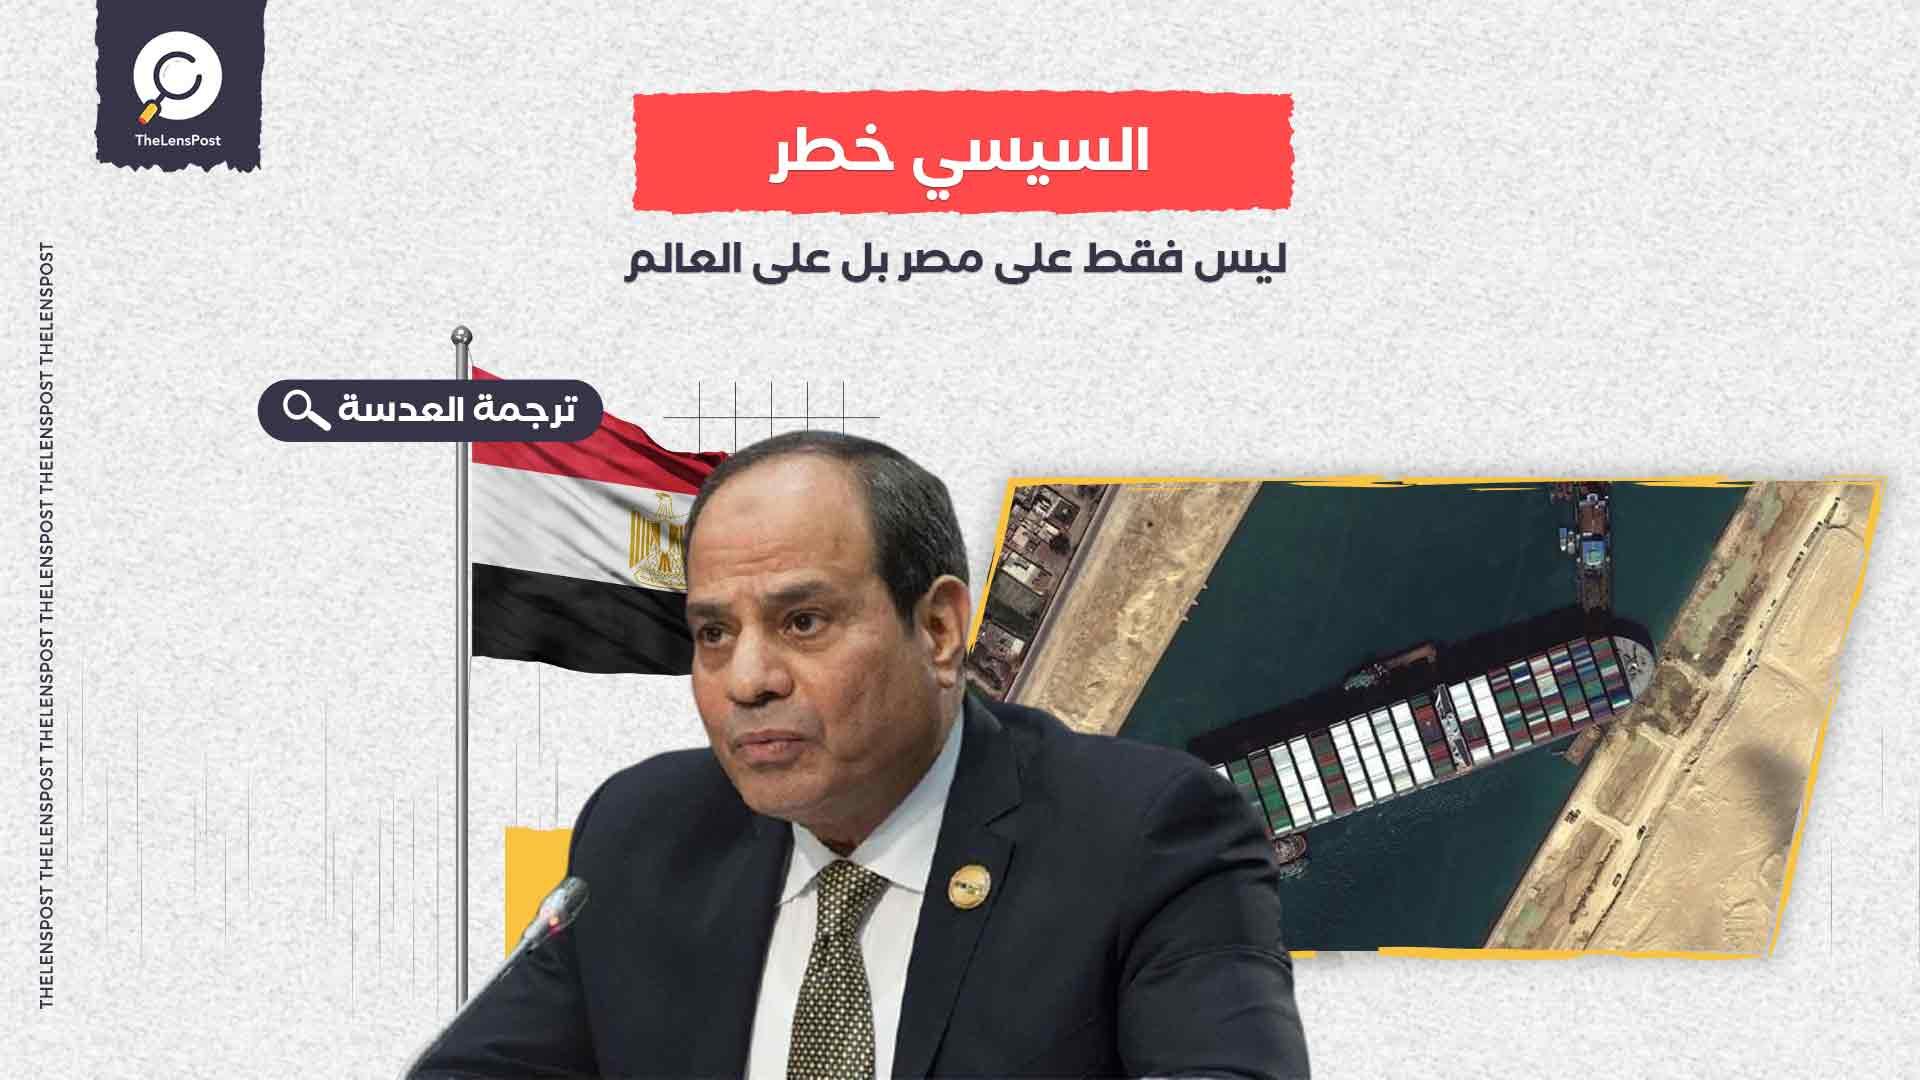 السيسي خطر ليس فقط على مصر بل على العالم